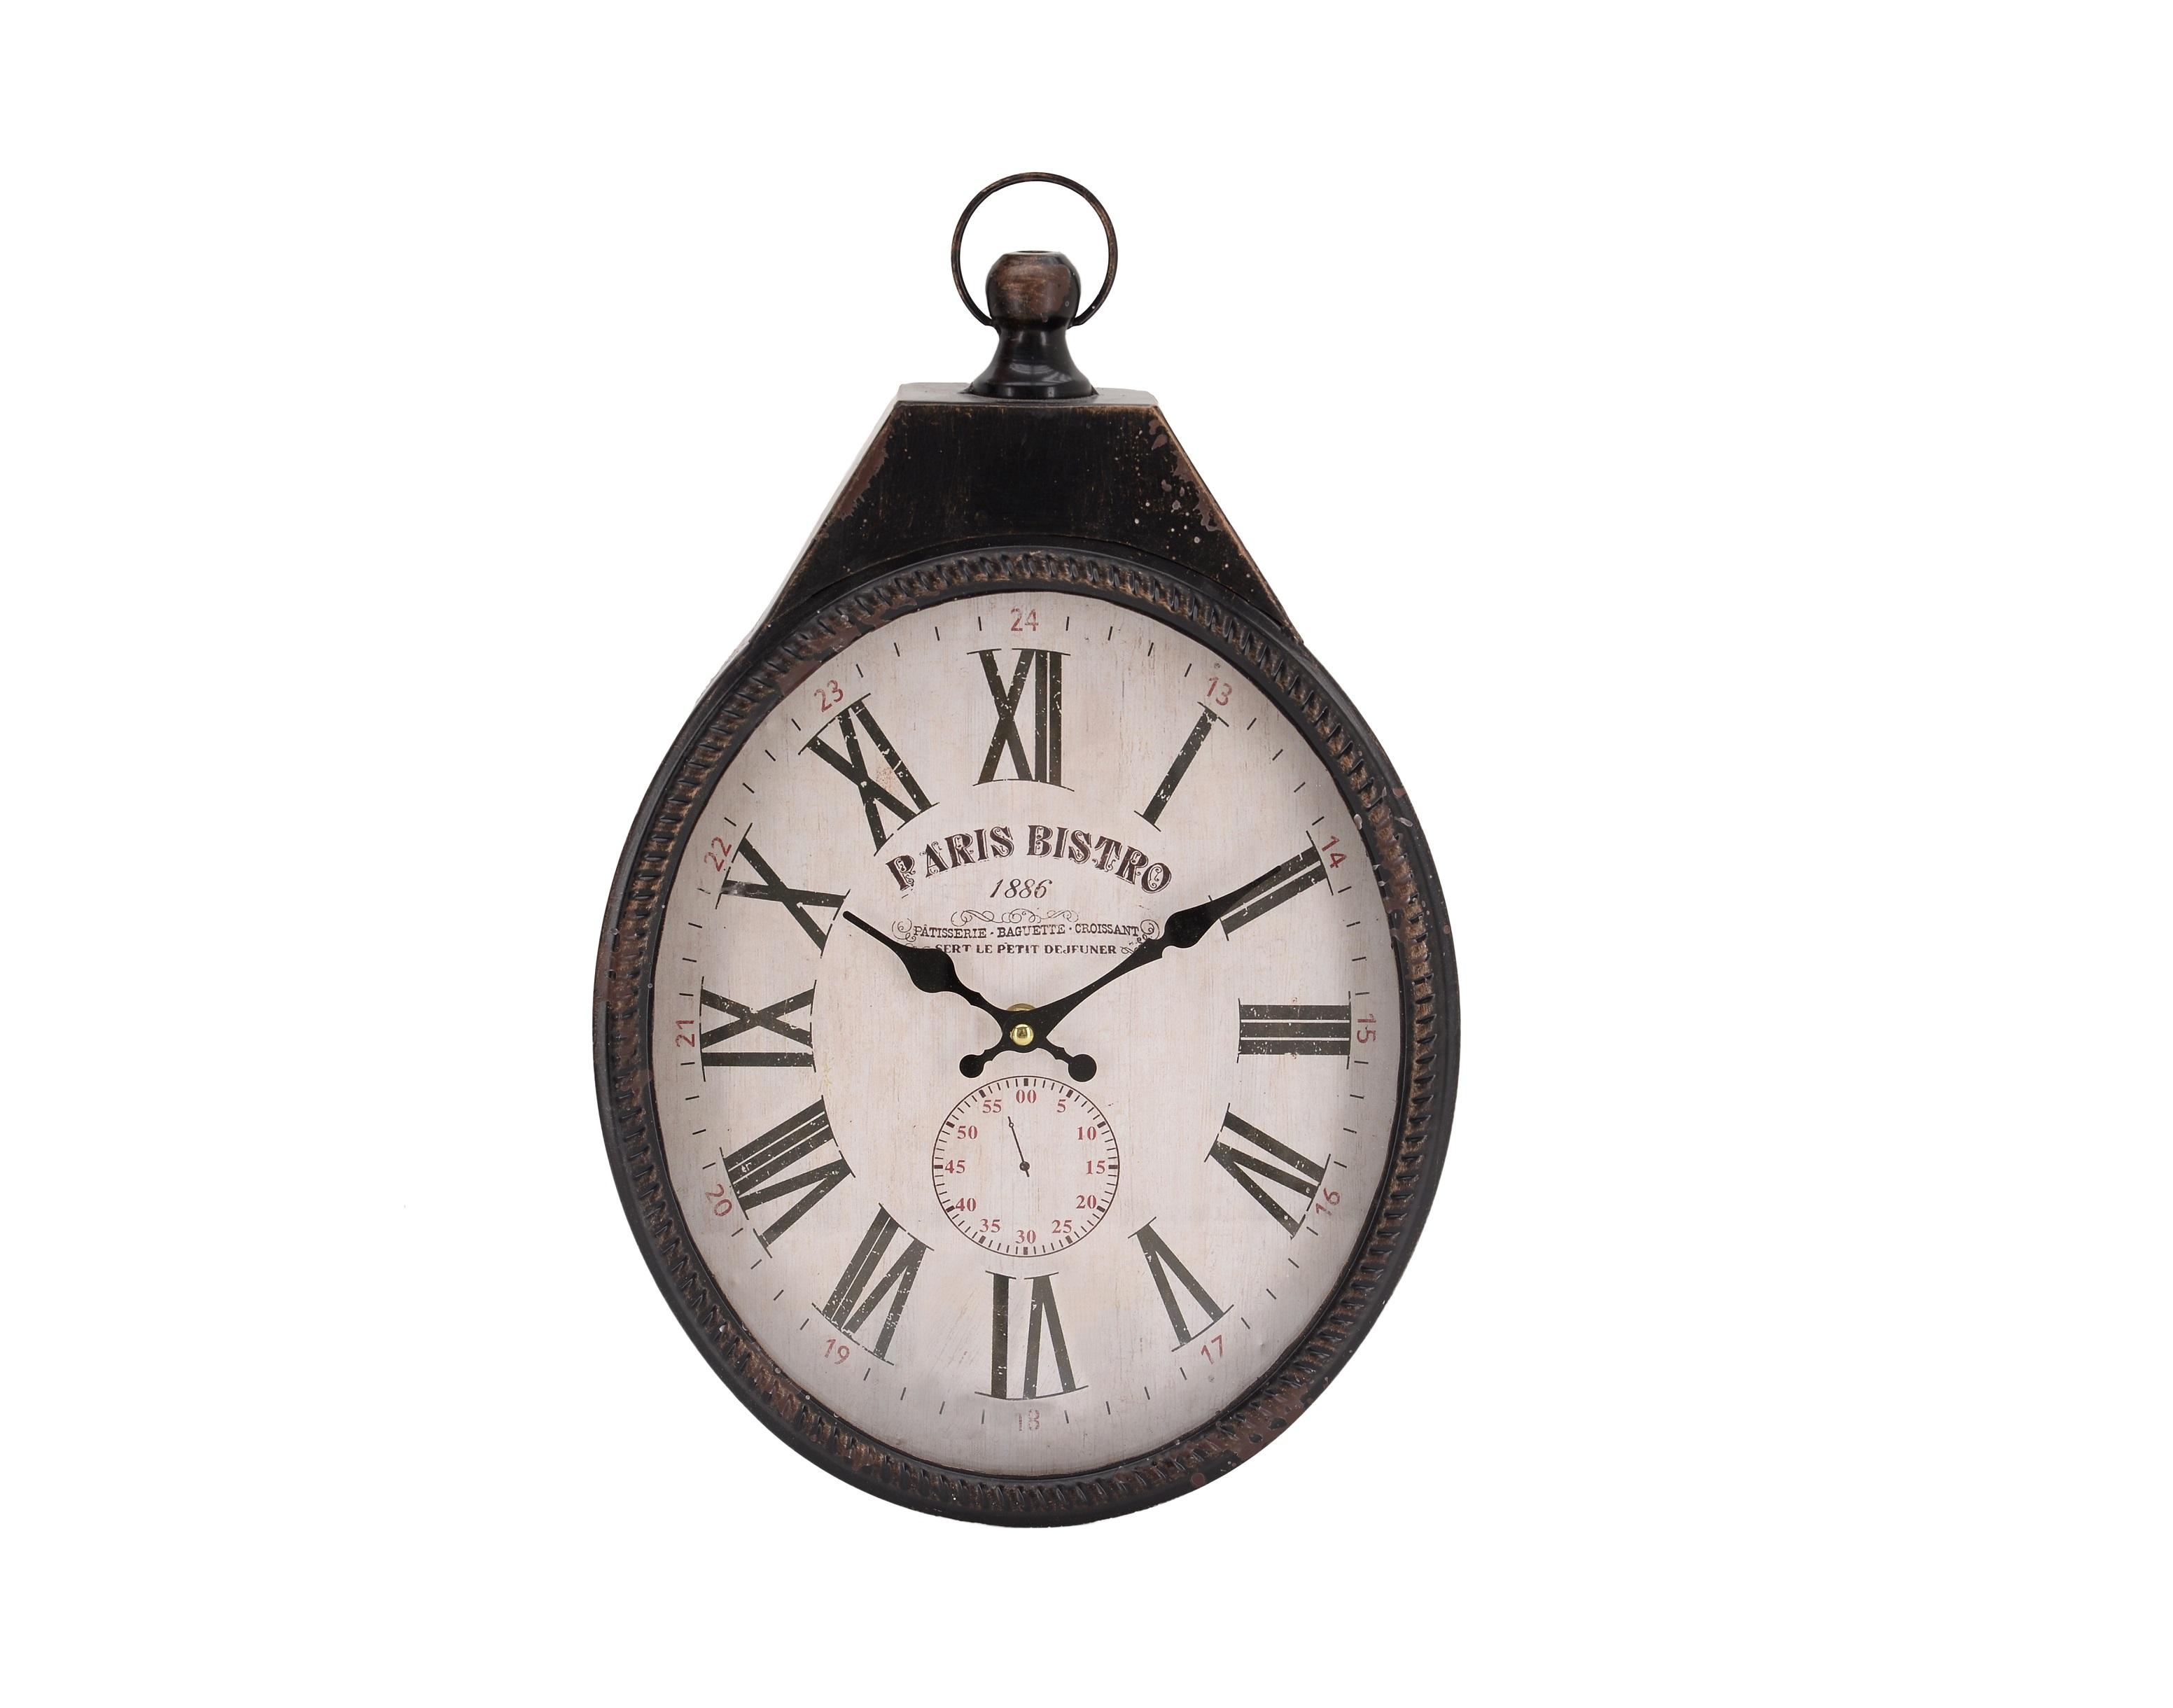 Настенные часы VasiНастенные часы<br>Настенные часы&amp;amp;nbsp;&amp;lt;div&amp;gt;Механизм: кварцевый&amp;lt;/div&amp;gt;<br><br>Material: Металл<br>Width см: 26<br>Depth см: 4<br>Height см: 42